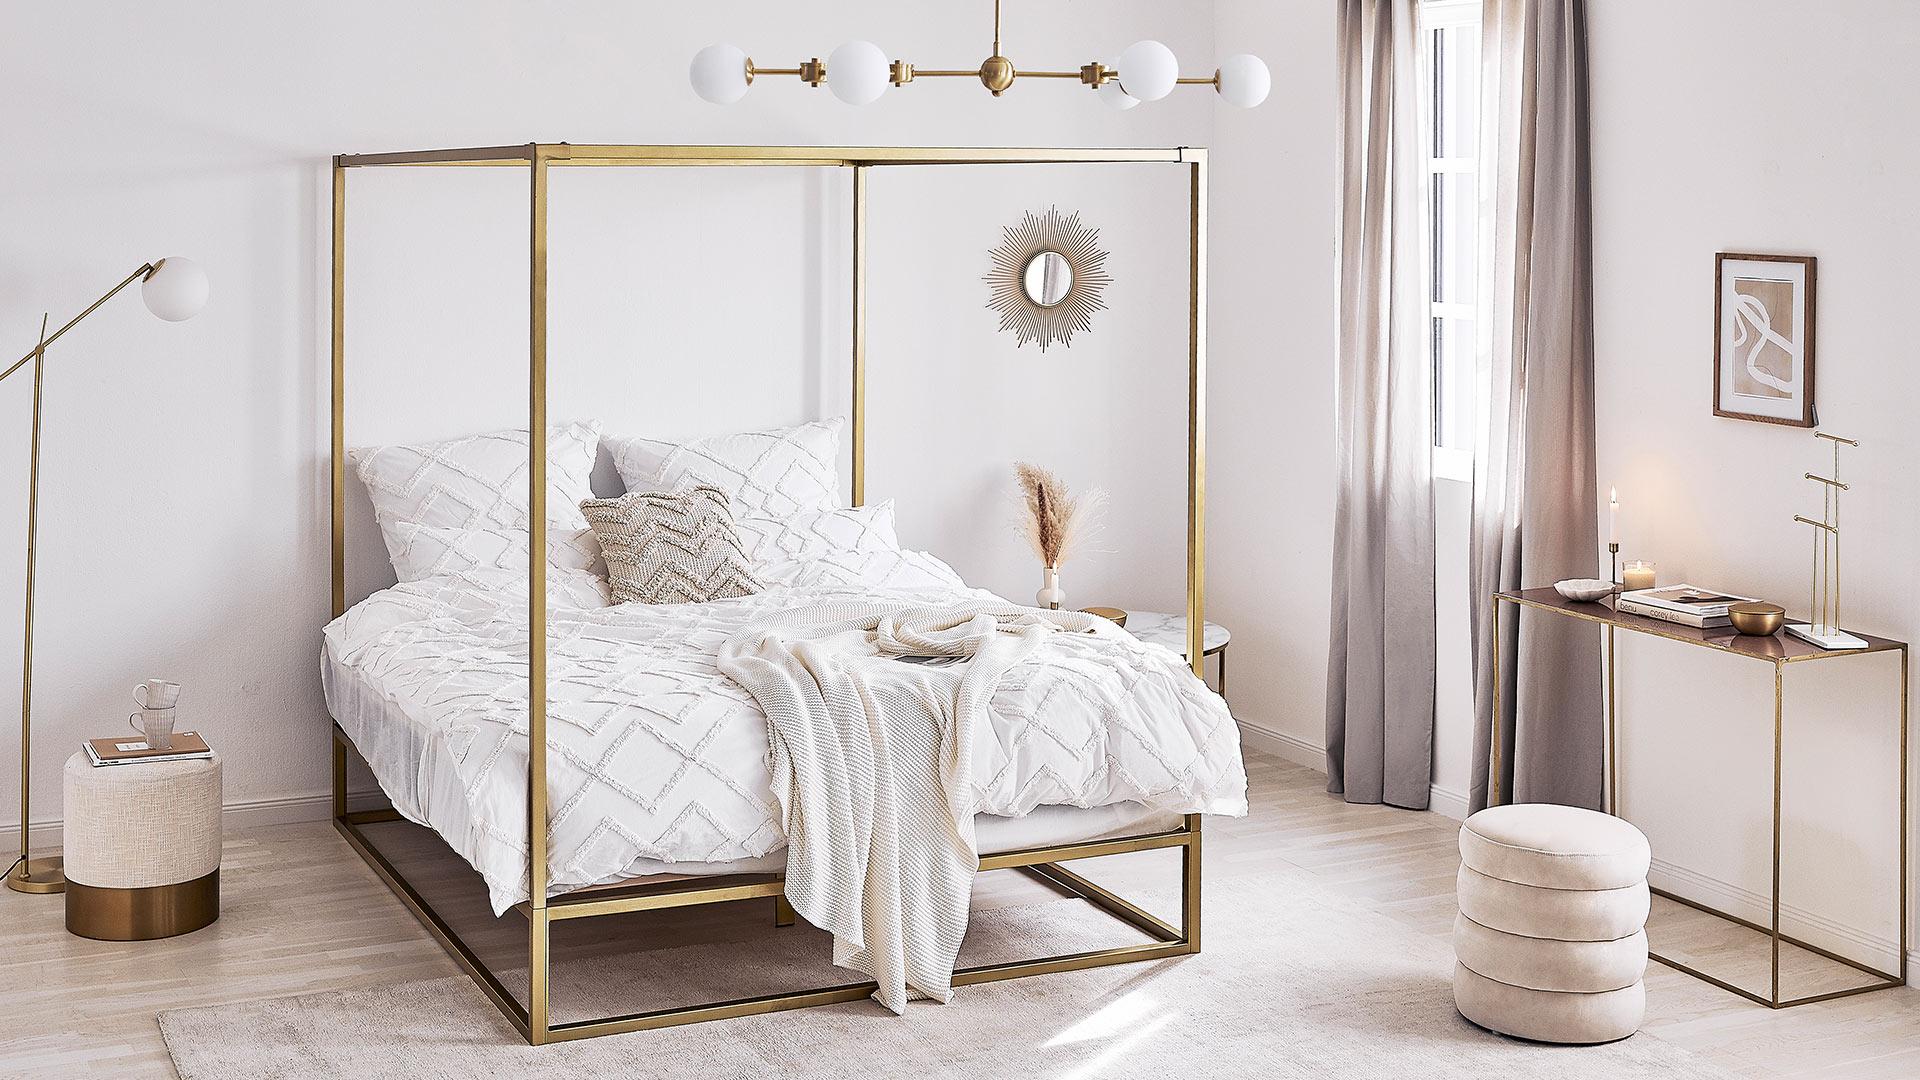 5-sterren slaapkamer